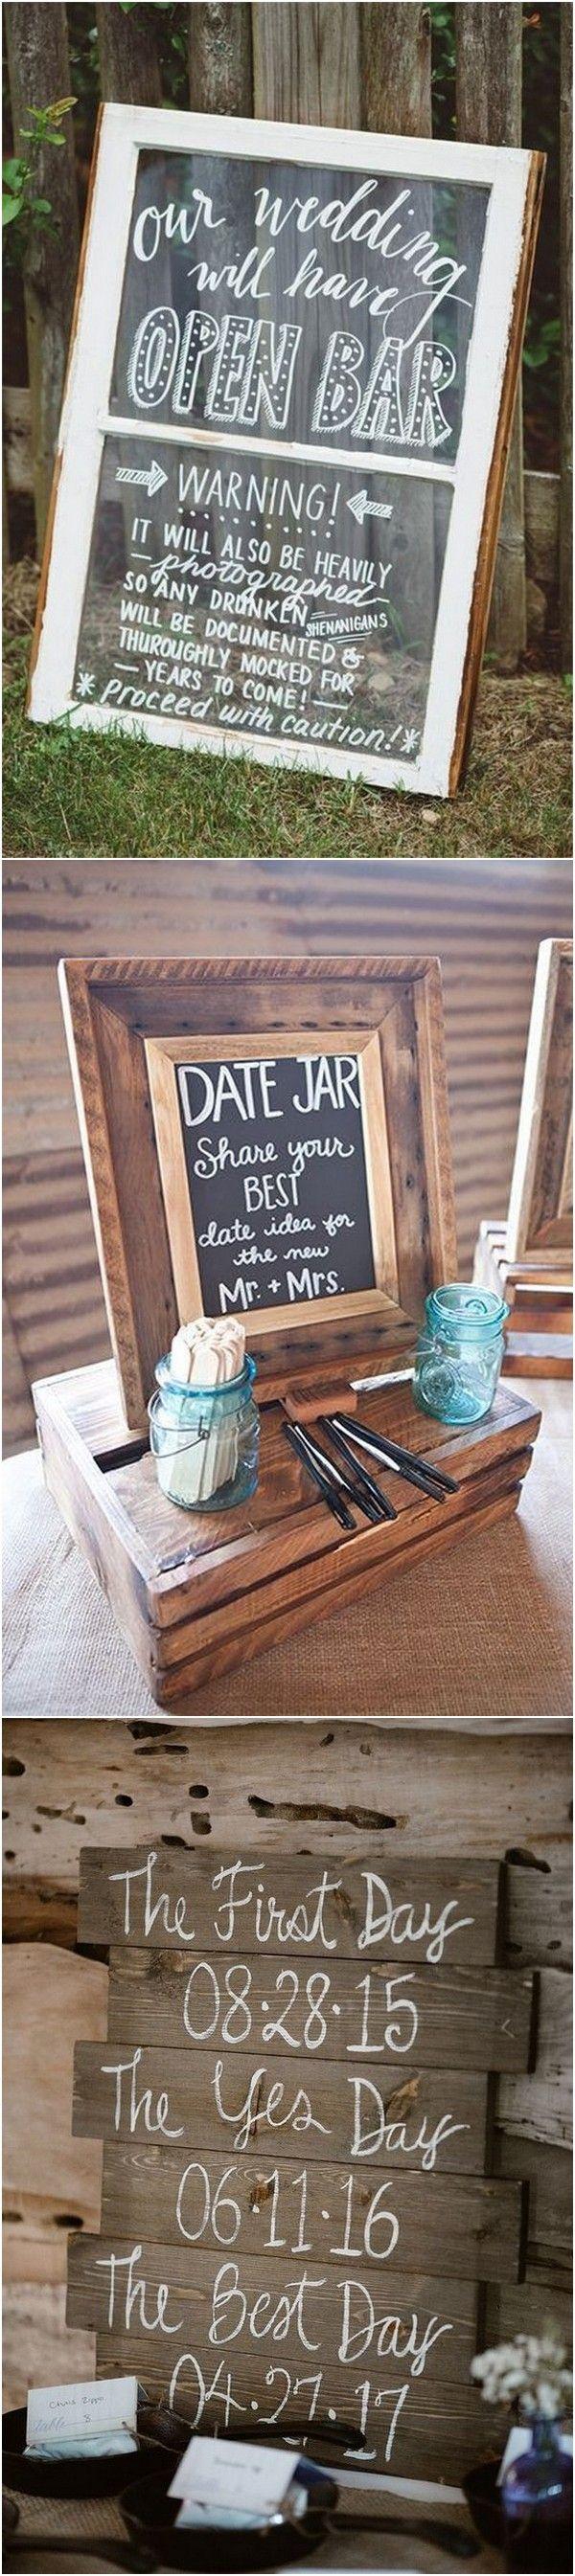 15 Creative Backyard Wedding Ideas On a Budget | Wedding ...